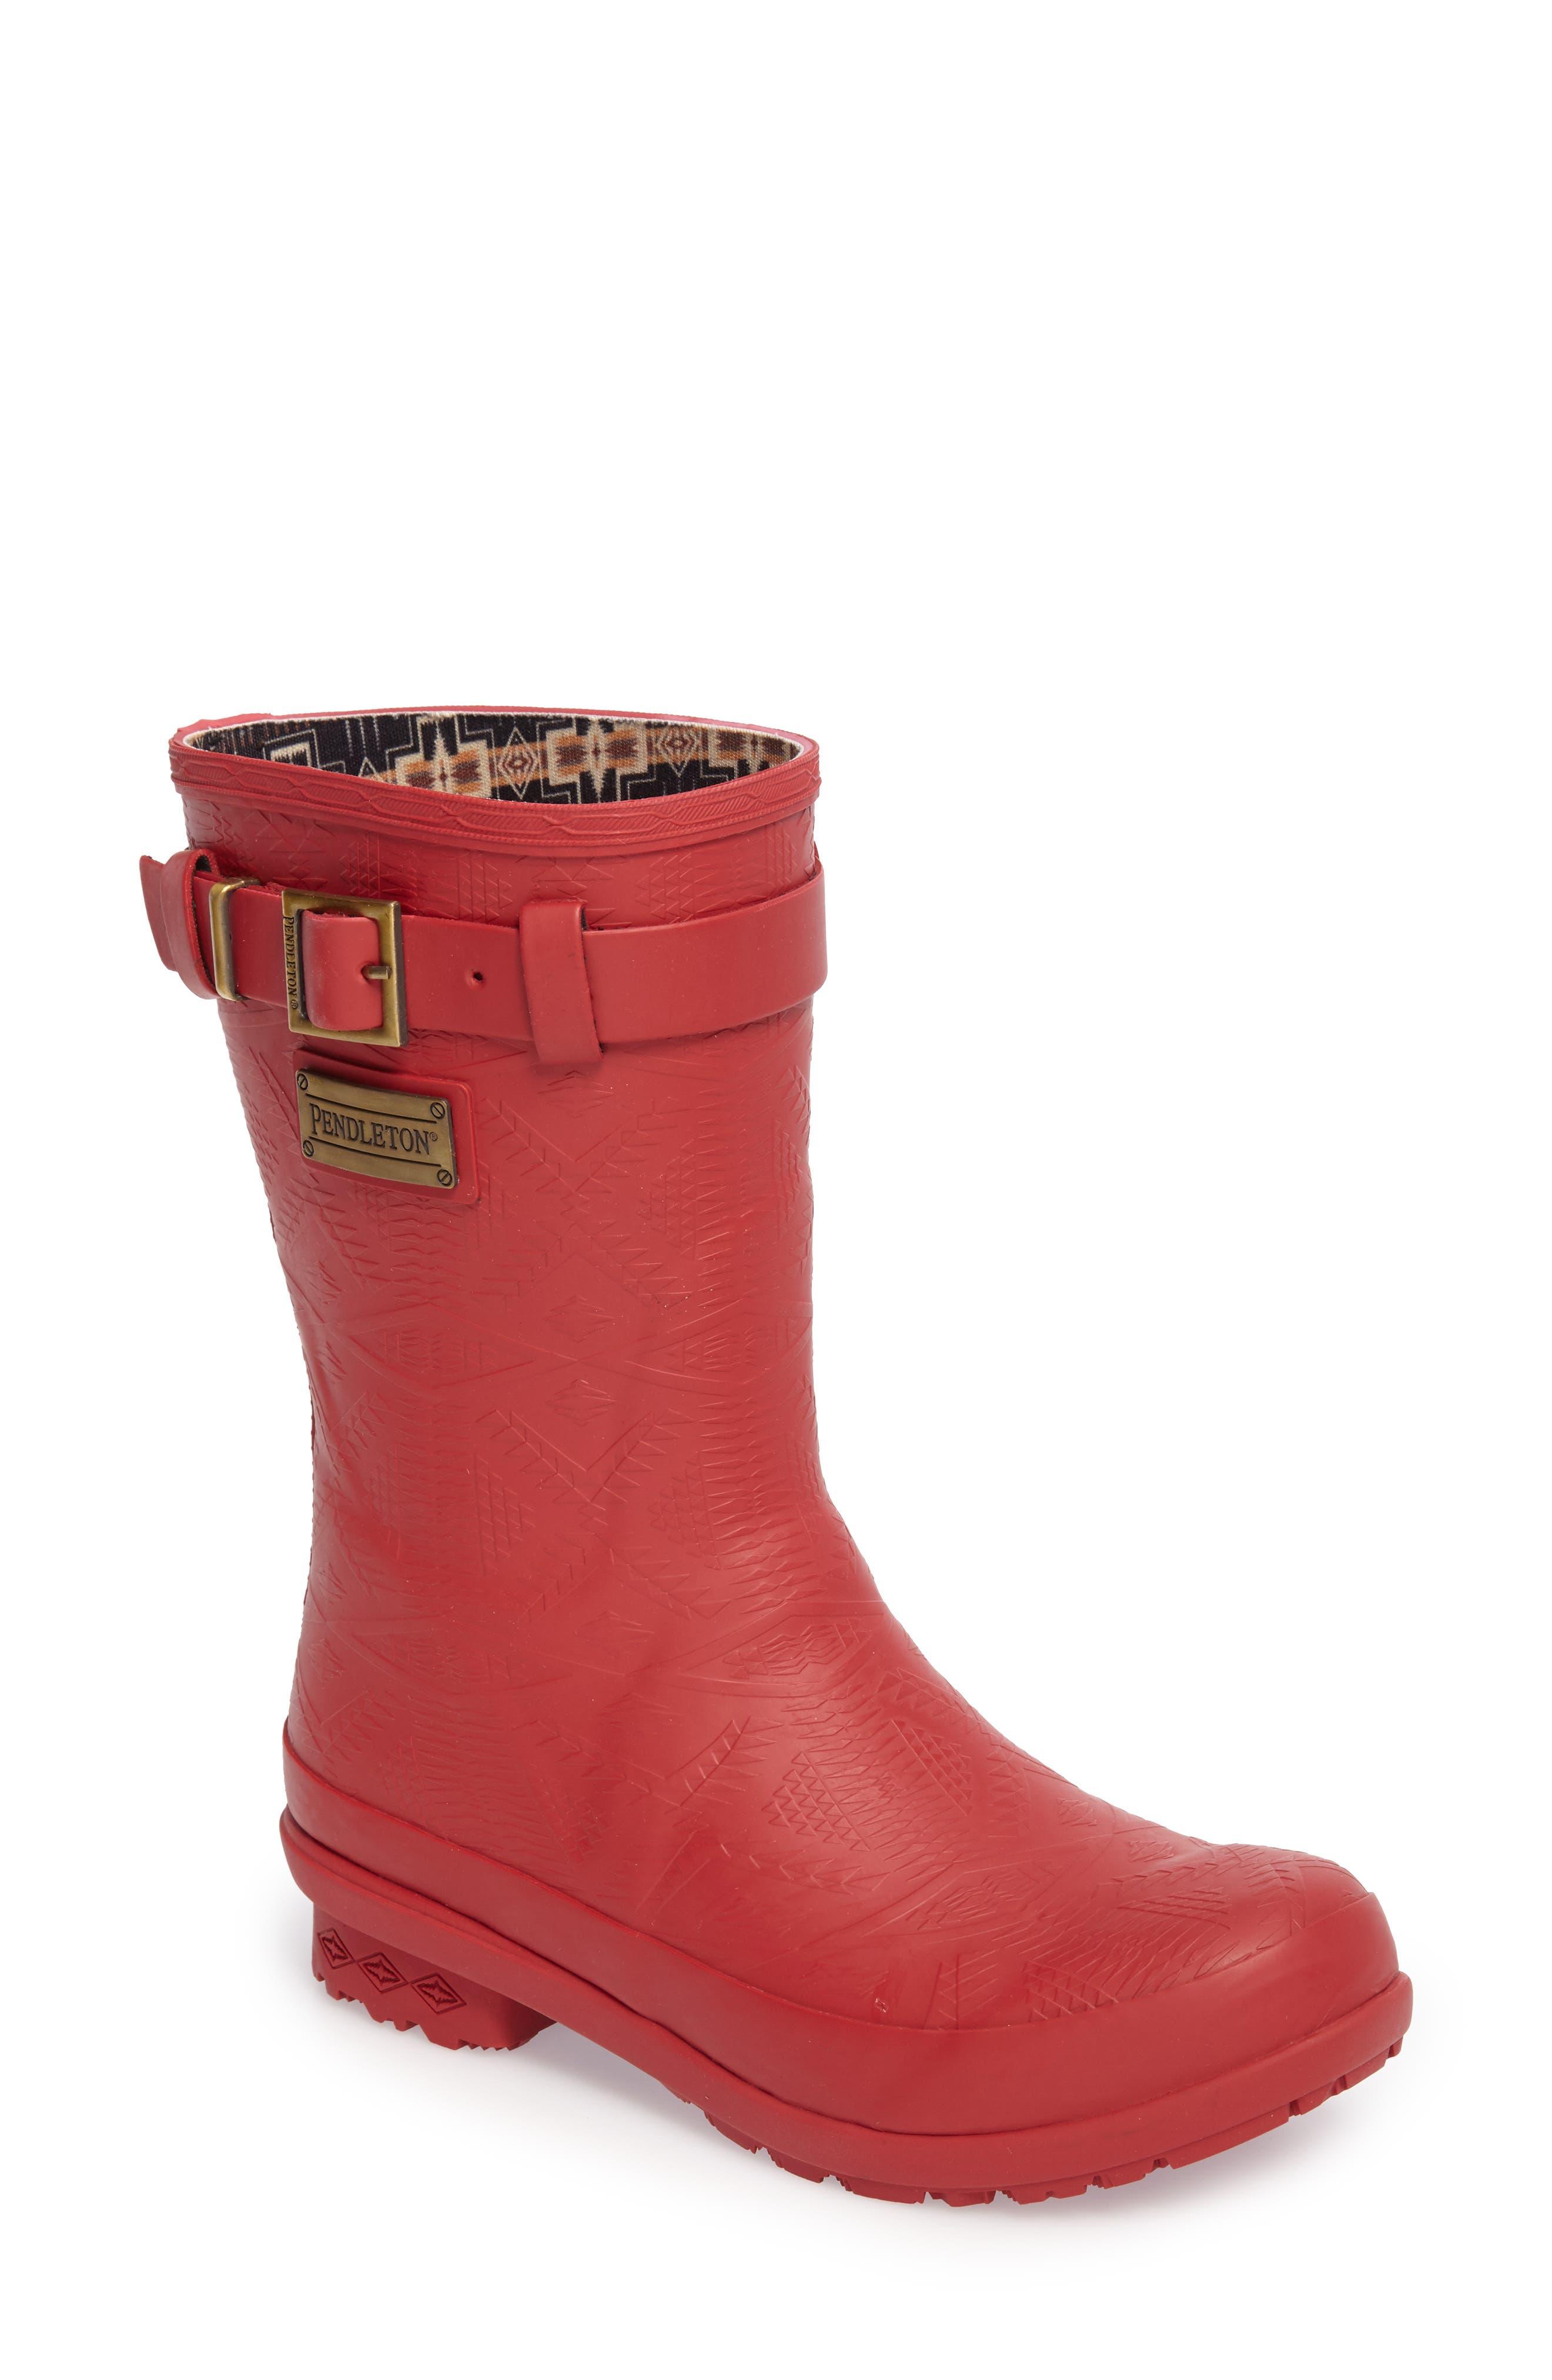 PENDLETON, Embossed Short Waterproof Rain Boot, Main thumbnail 1, color, SCARLET